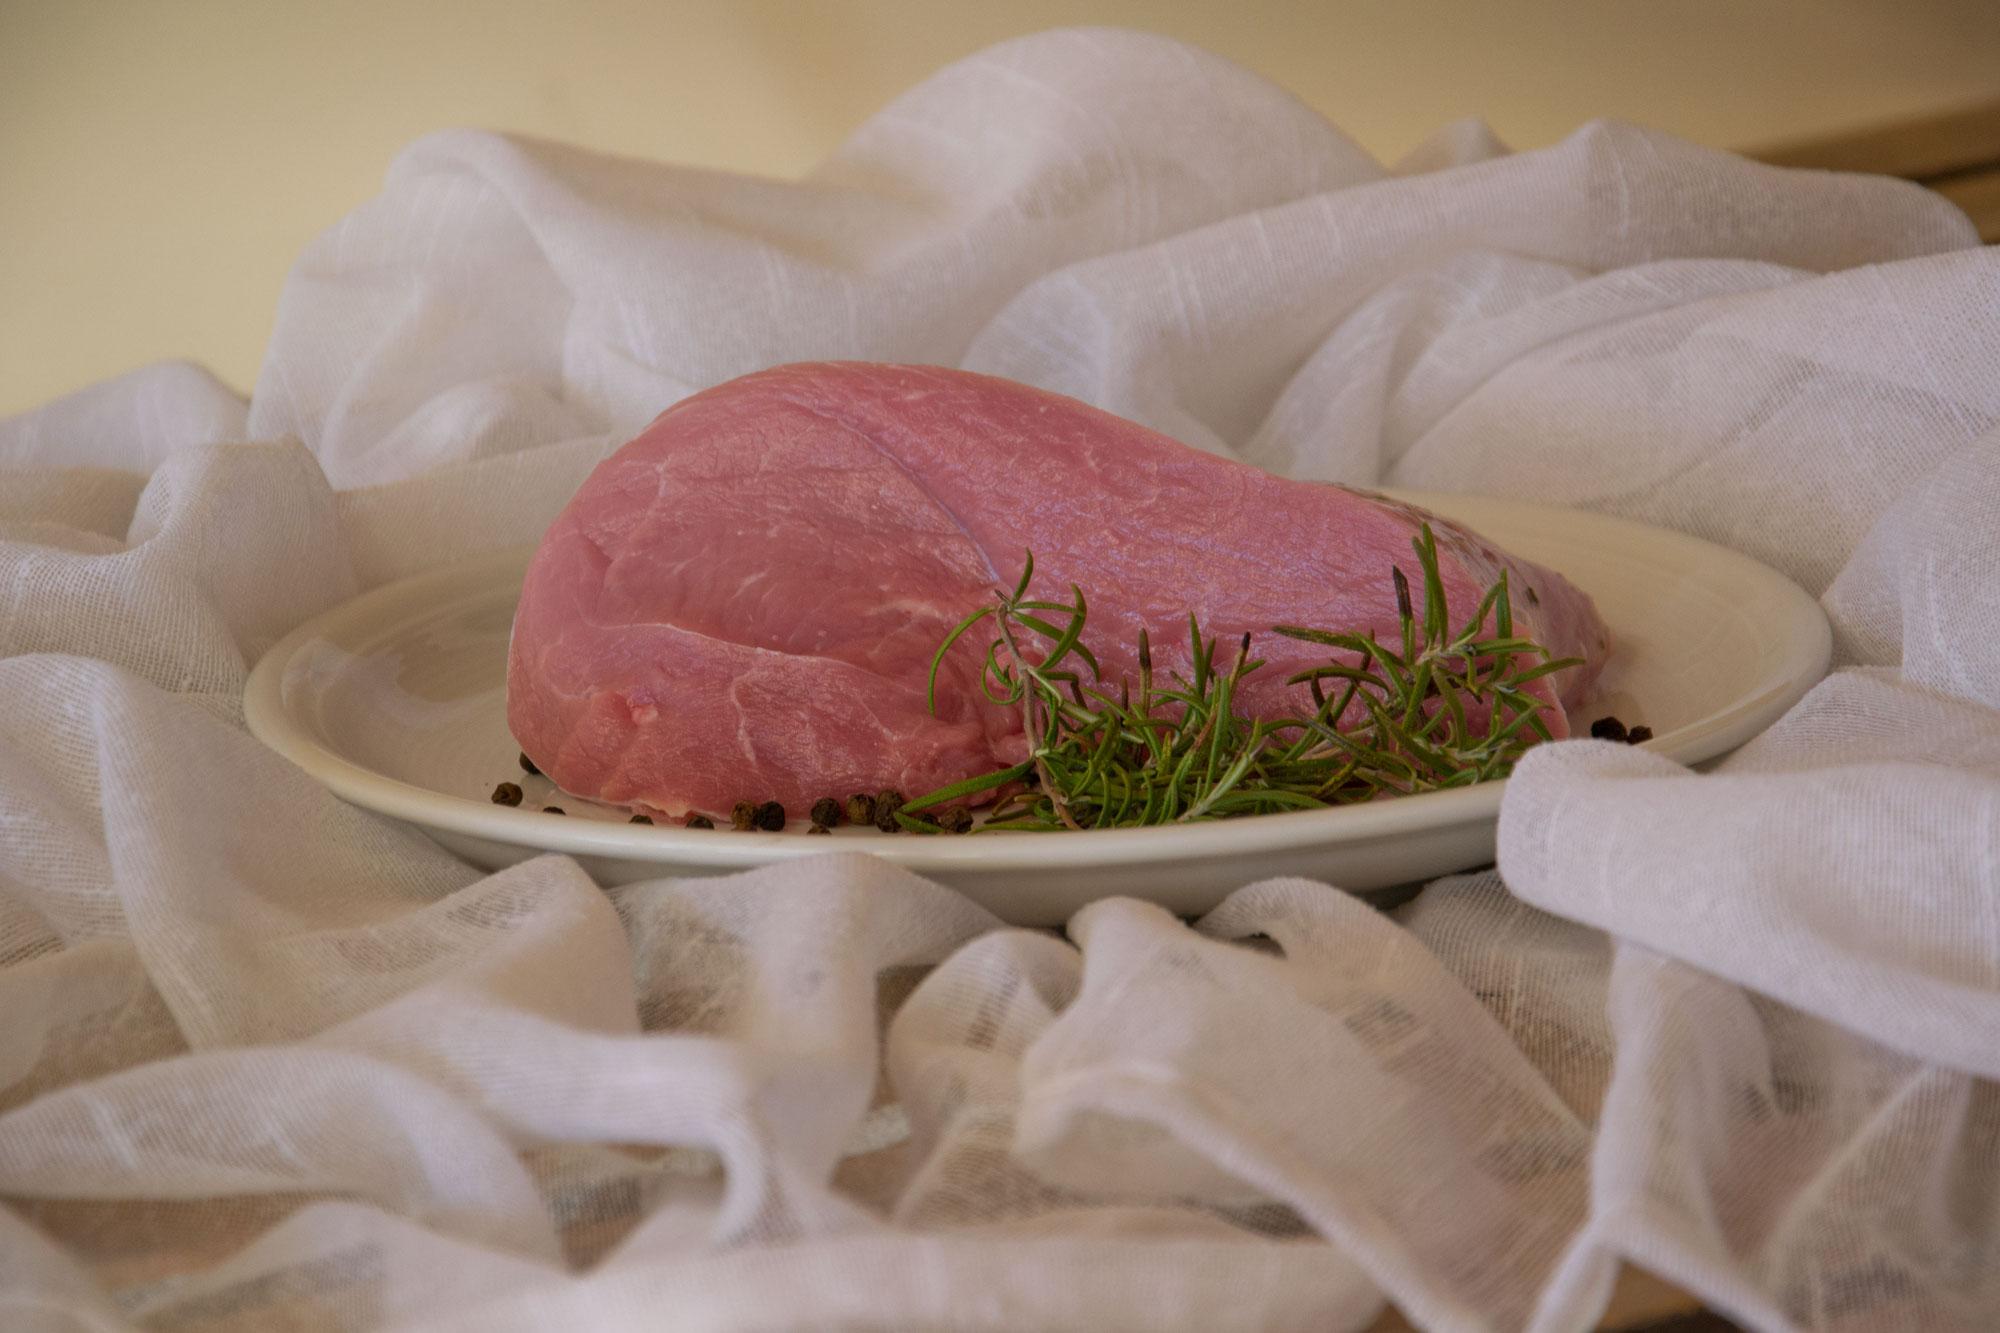 Vöginer Kalbfleisch - letzte Chance